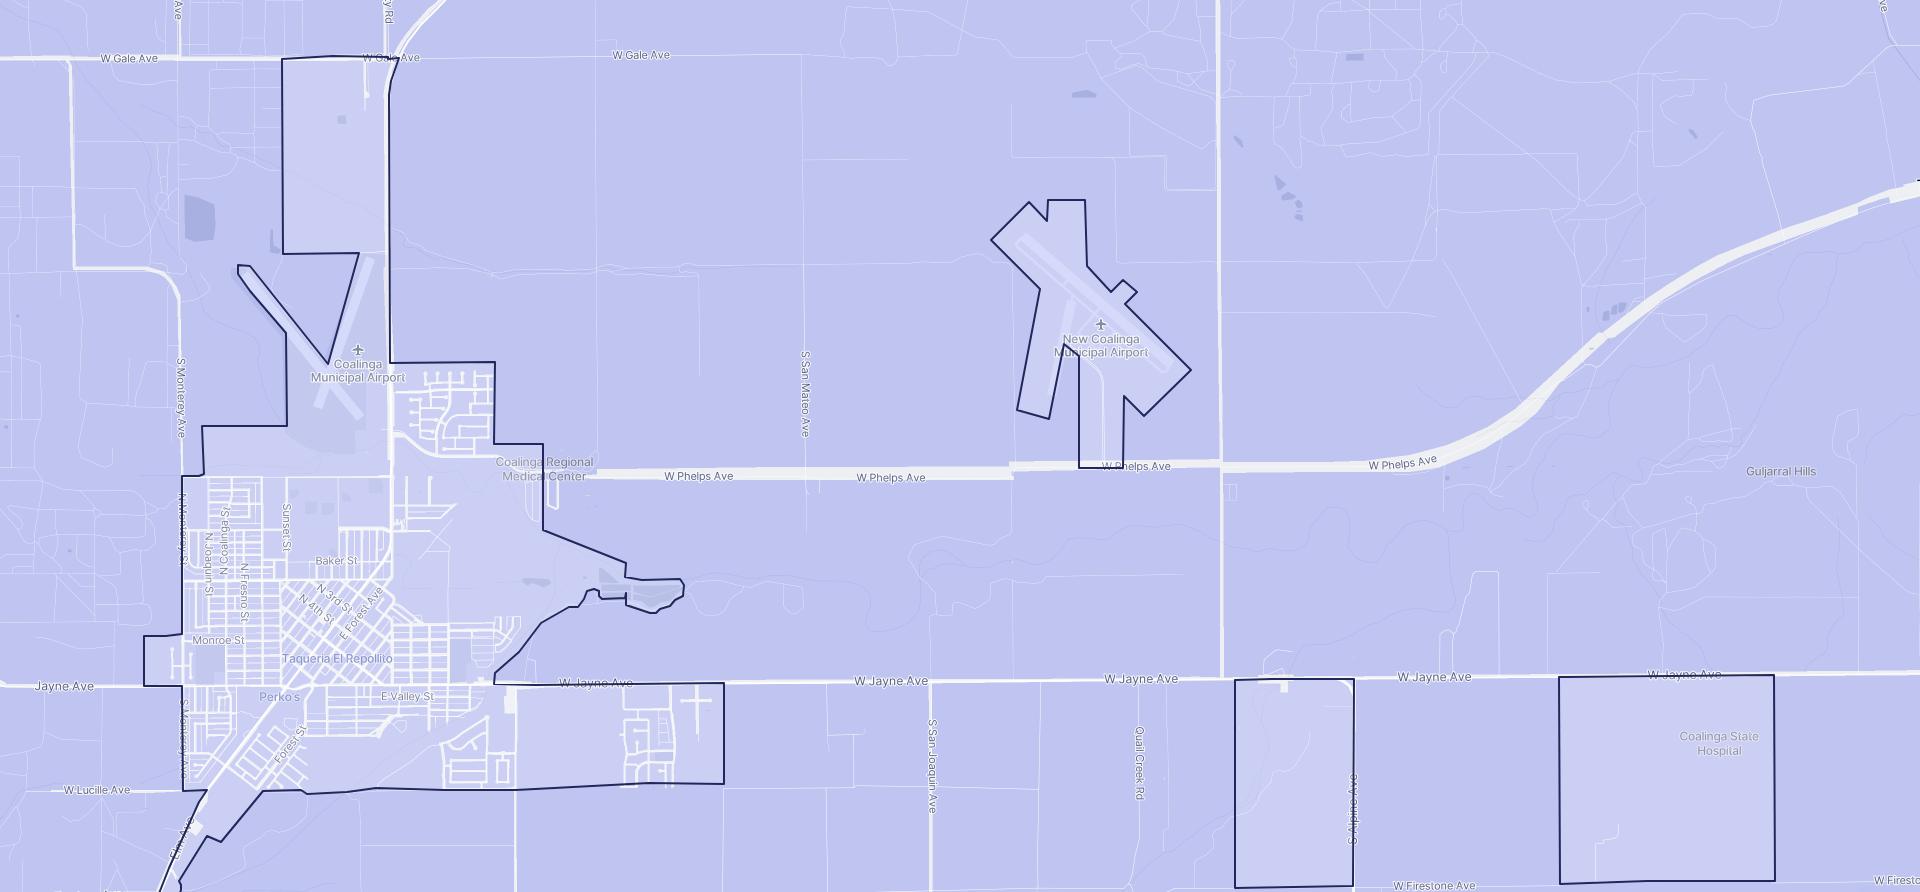 Image of Coalinga boundaries on a map.